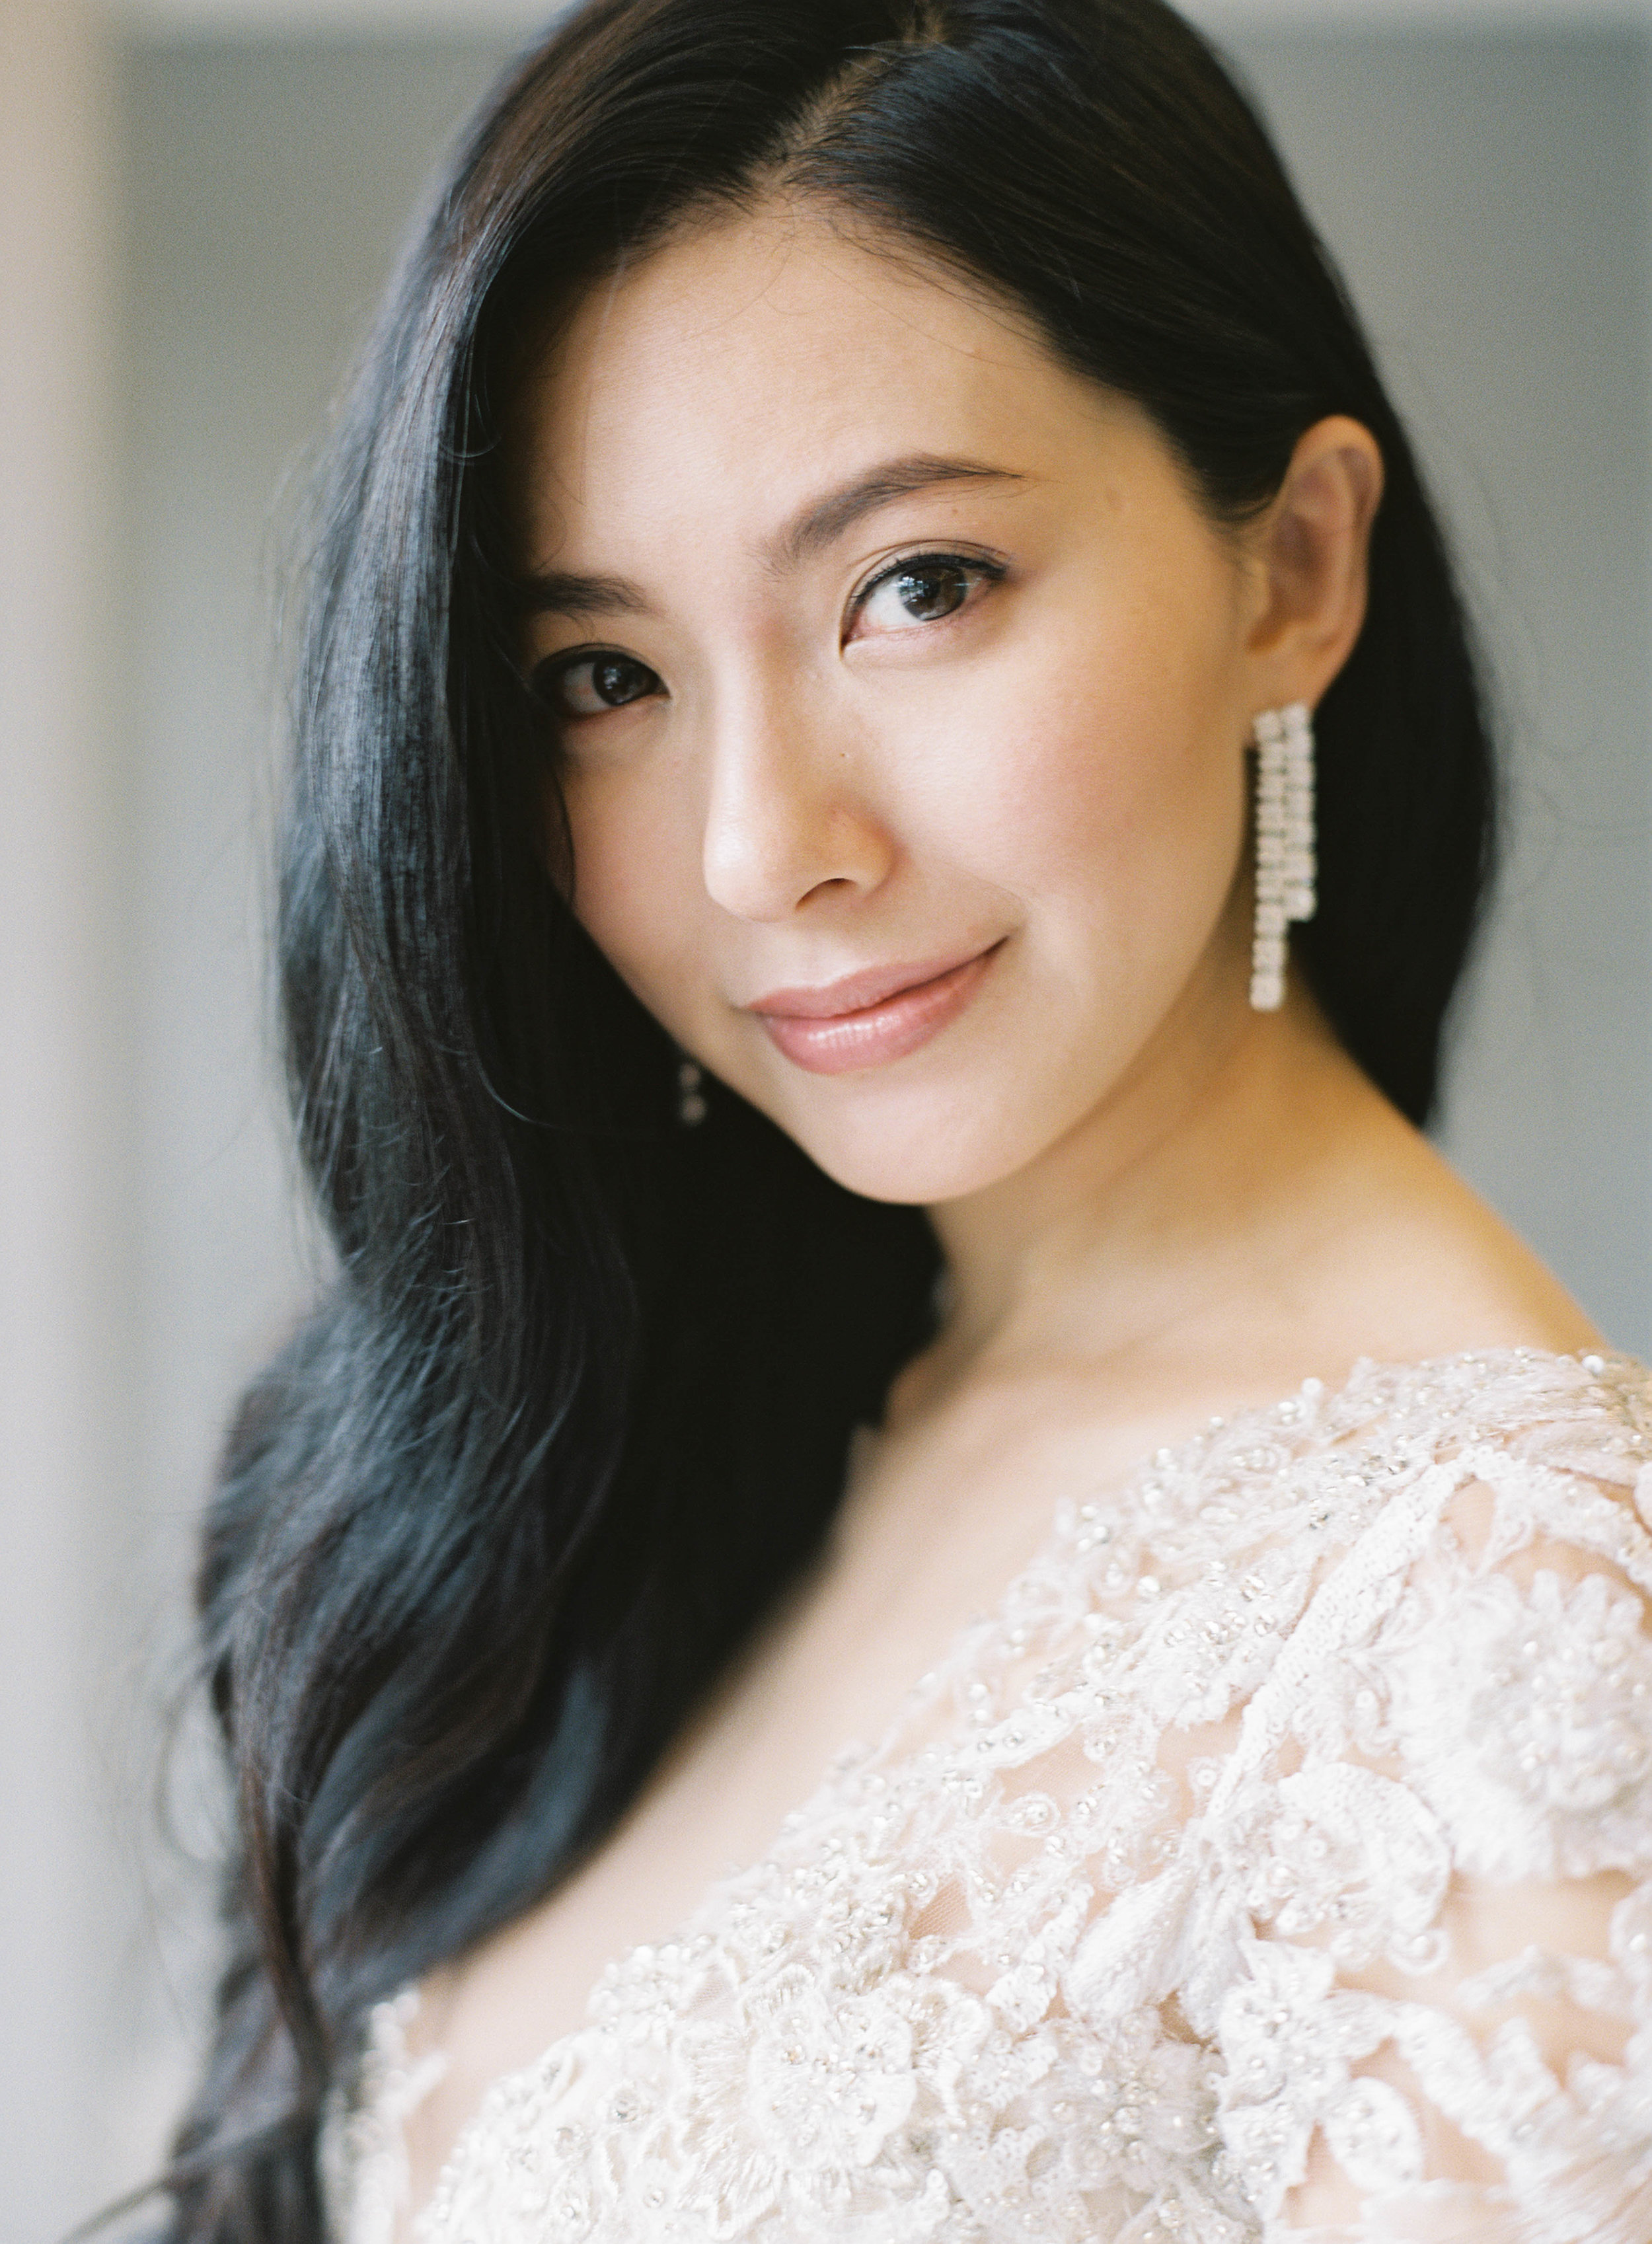 Wong-2-Jen_Huang-005579-R1-015.jpg